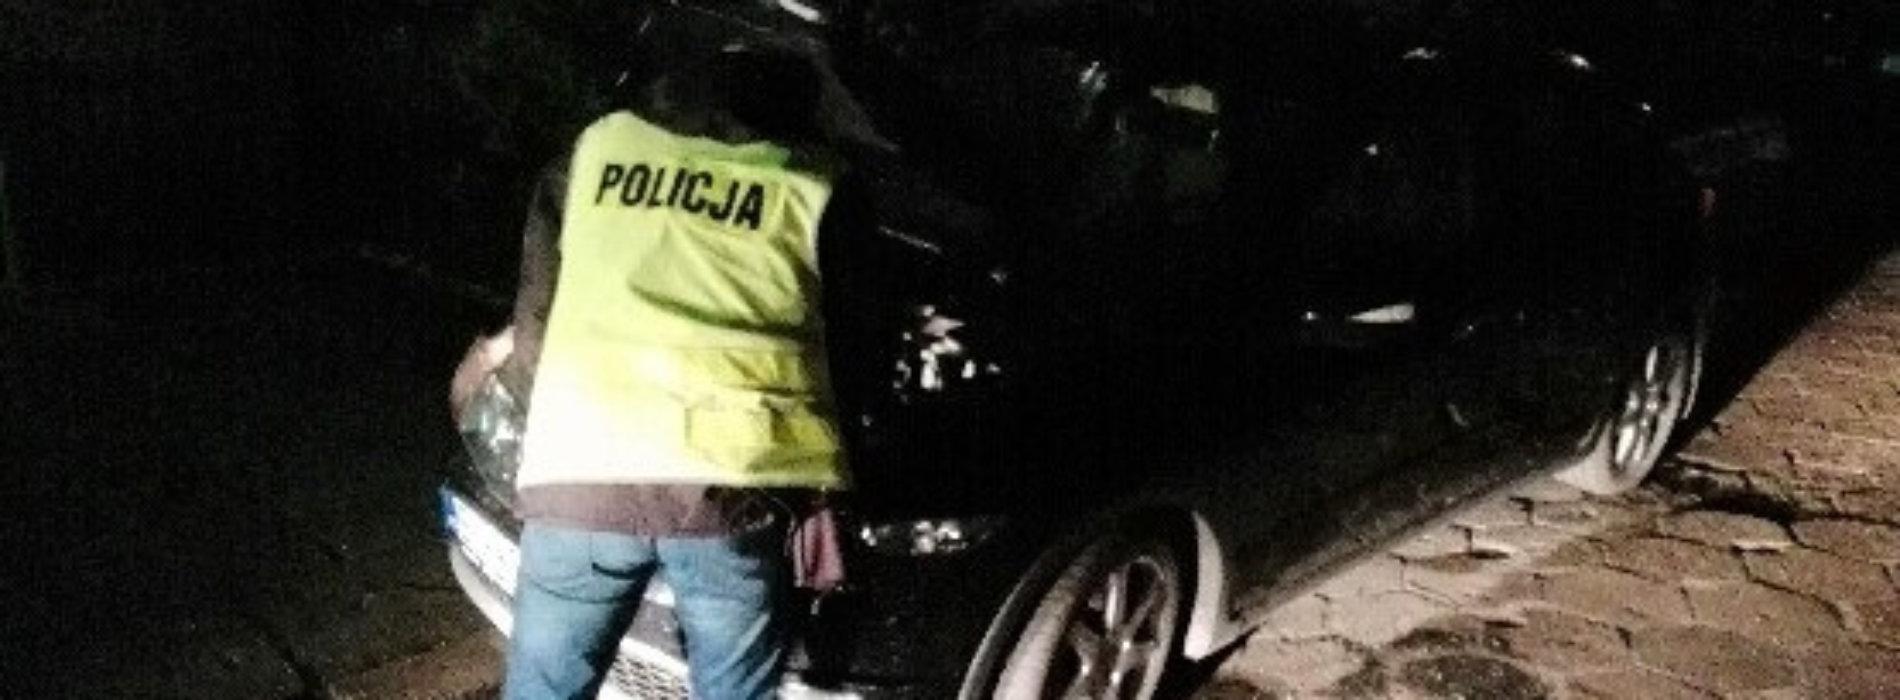 POLICJANCI ODZYSKALI SKRADZIONĄ HONDĘ I ZATRZYMALI PODEJRZEWANYCH